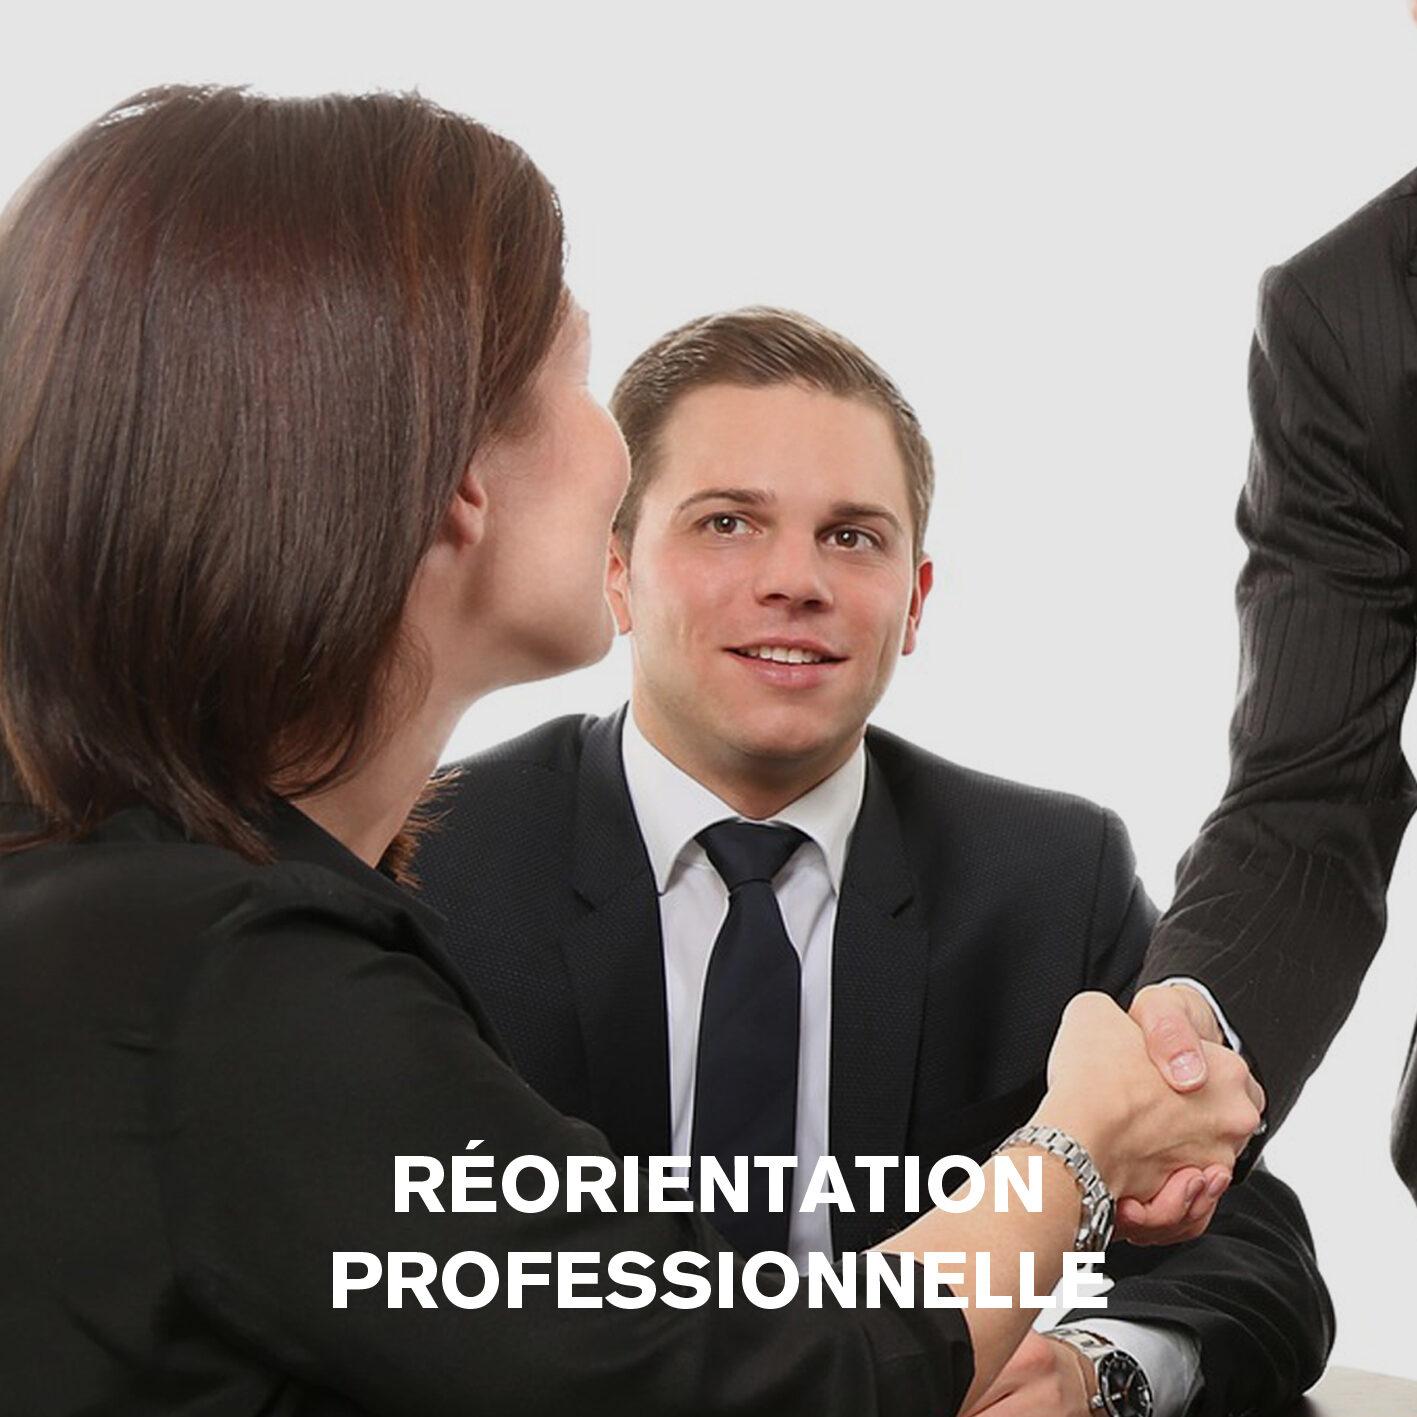 faciliter vos choix d'orientation professionnelle.